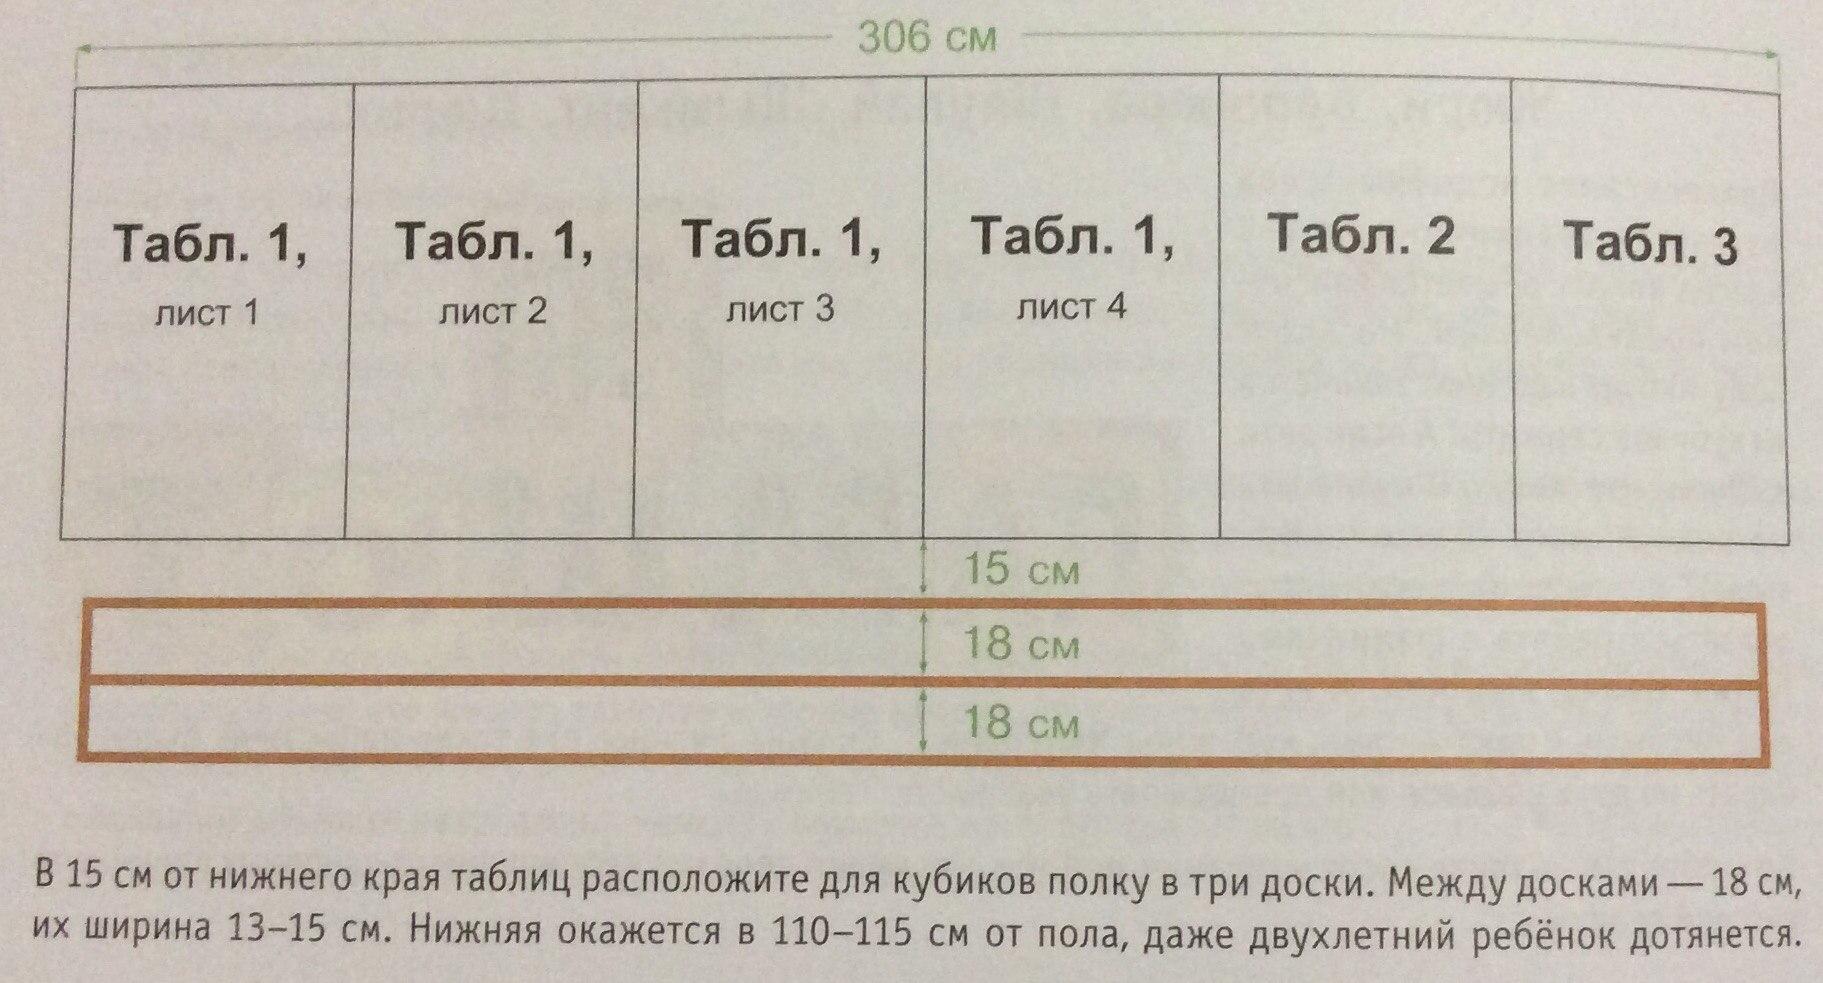 Расположение таблиц Н.А. Зайцева